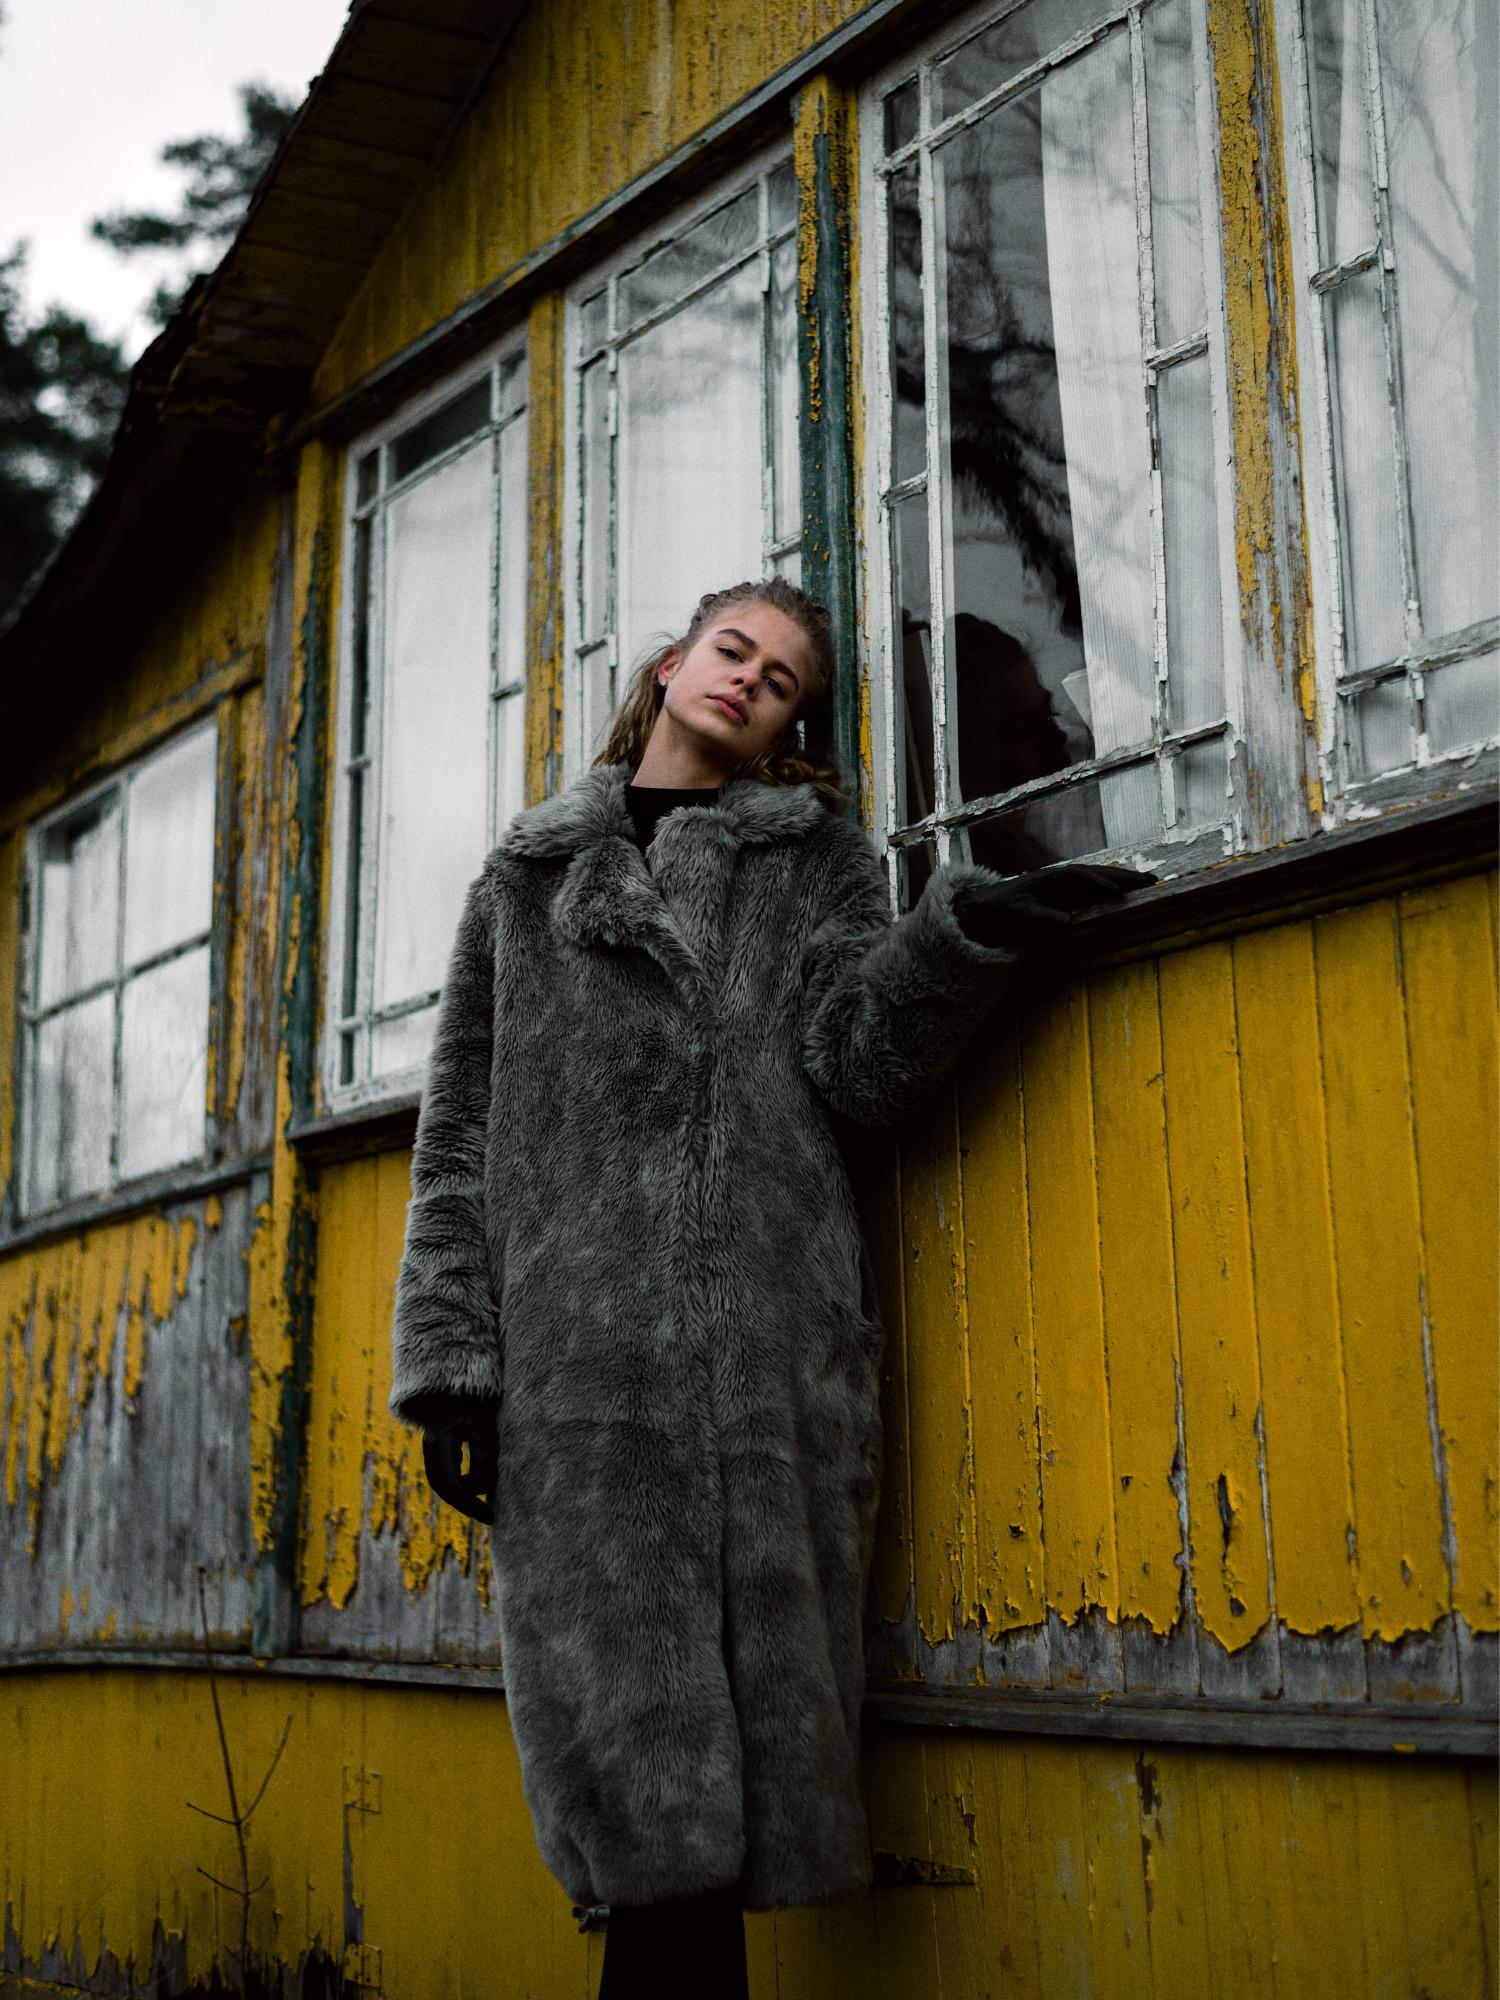 Paul_Schmidt_Photography_Frida_Aasegg_Oslo_02